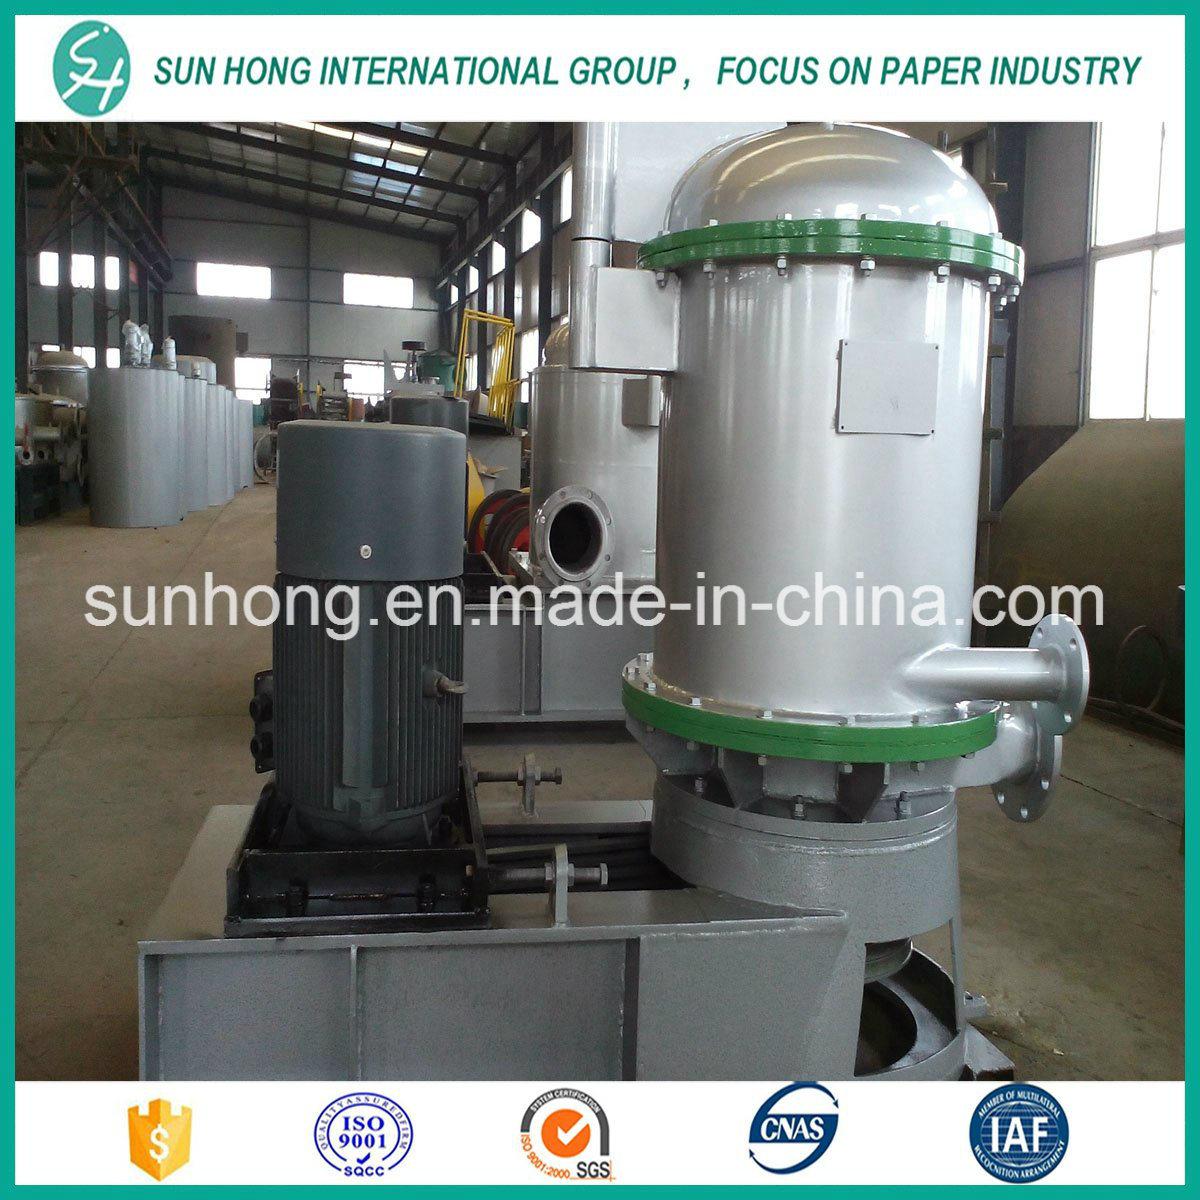 High Quality Paper Machine Pressure Screen